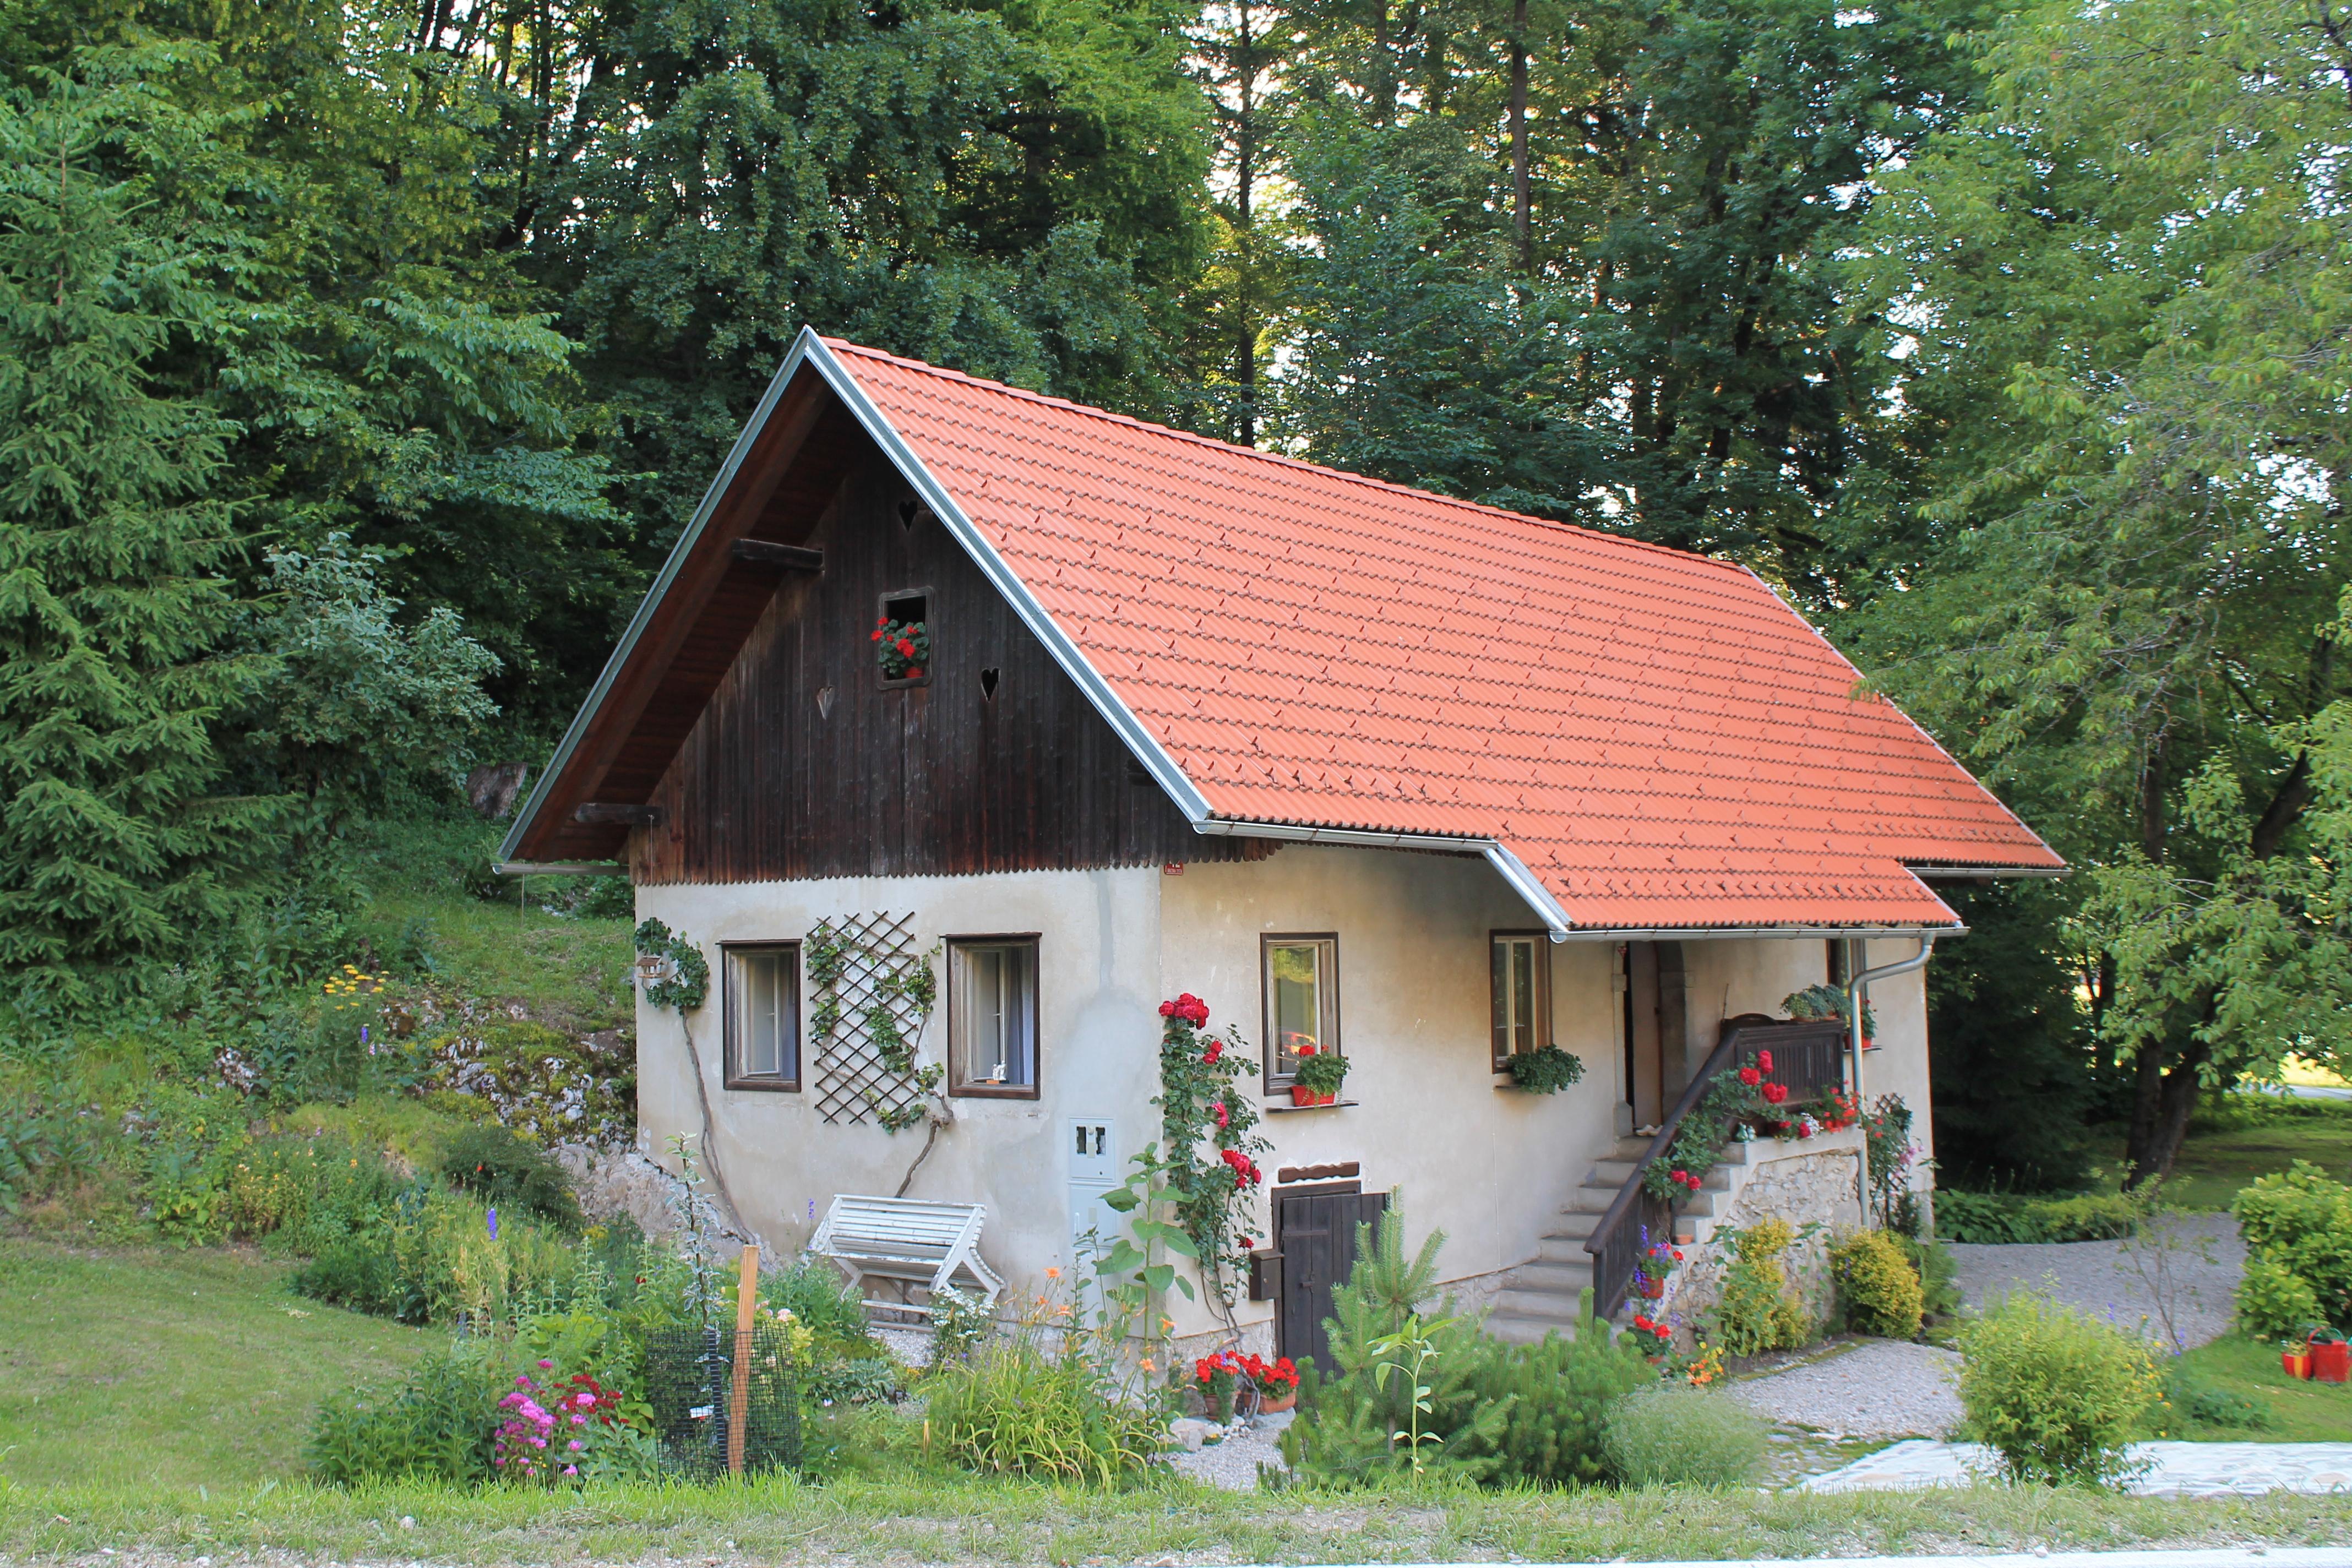 Case Piccole Da Sogno : Casetta in legno sull albero una casa da sogni immersa nella